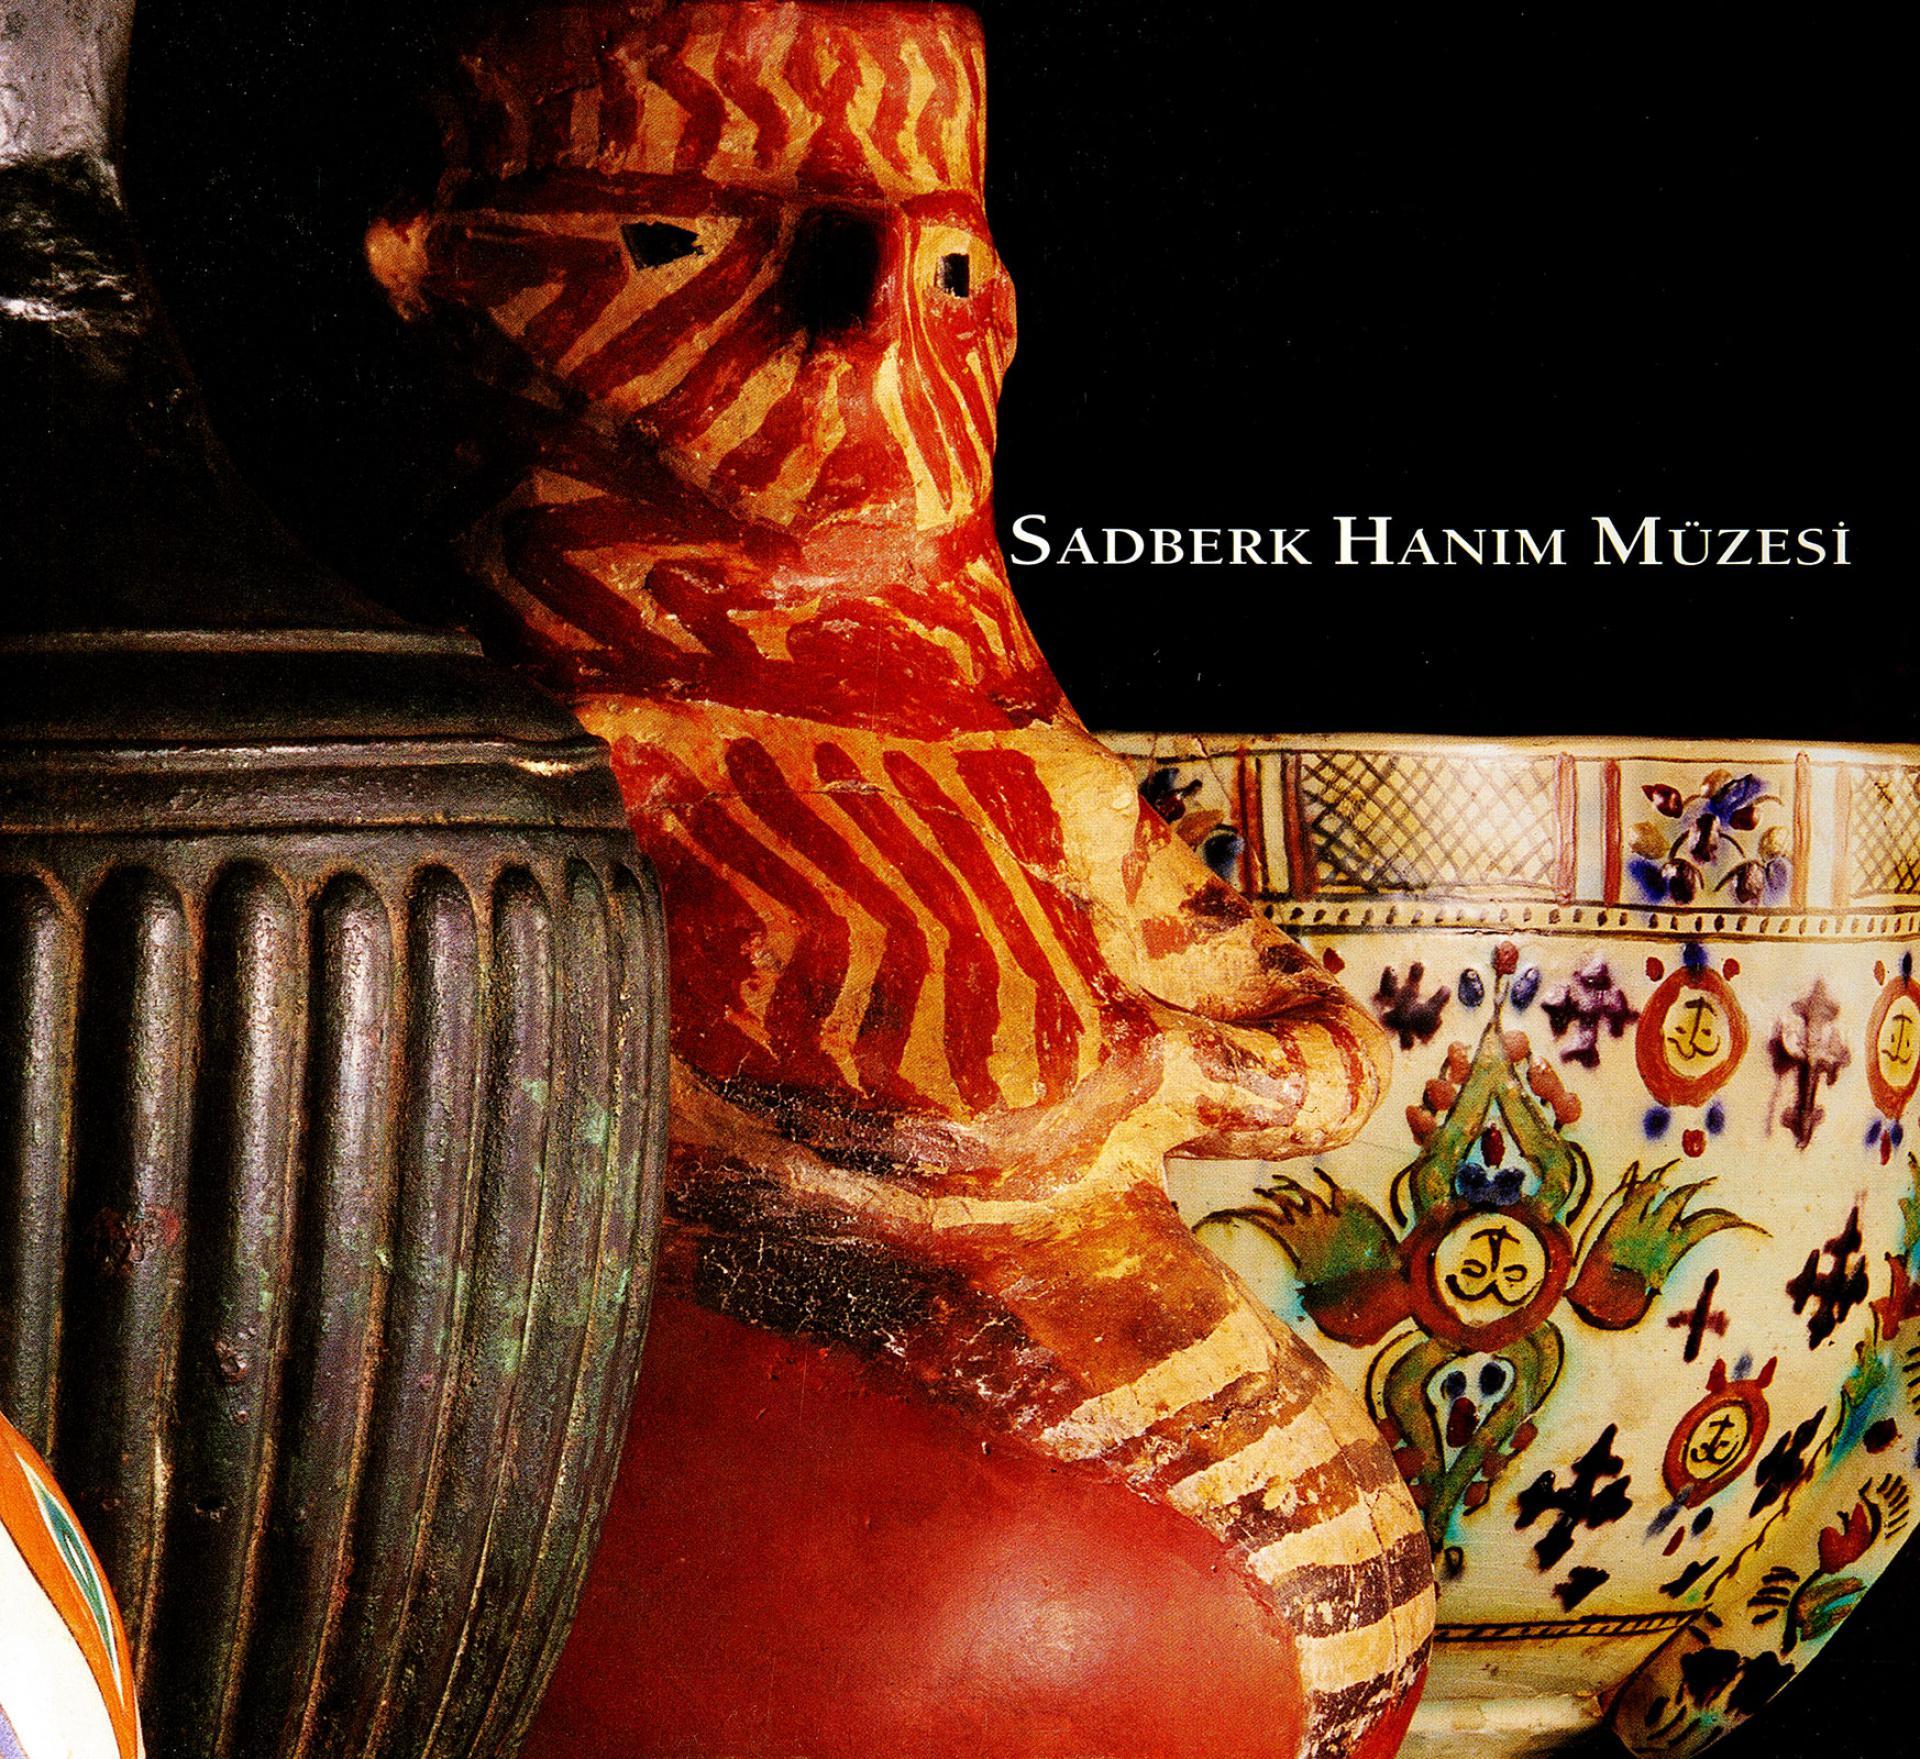 Sadberk Hanım Müzesi Kataloğu - BOOKS - Sadberk Hanım Museum